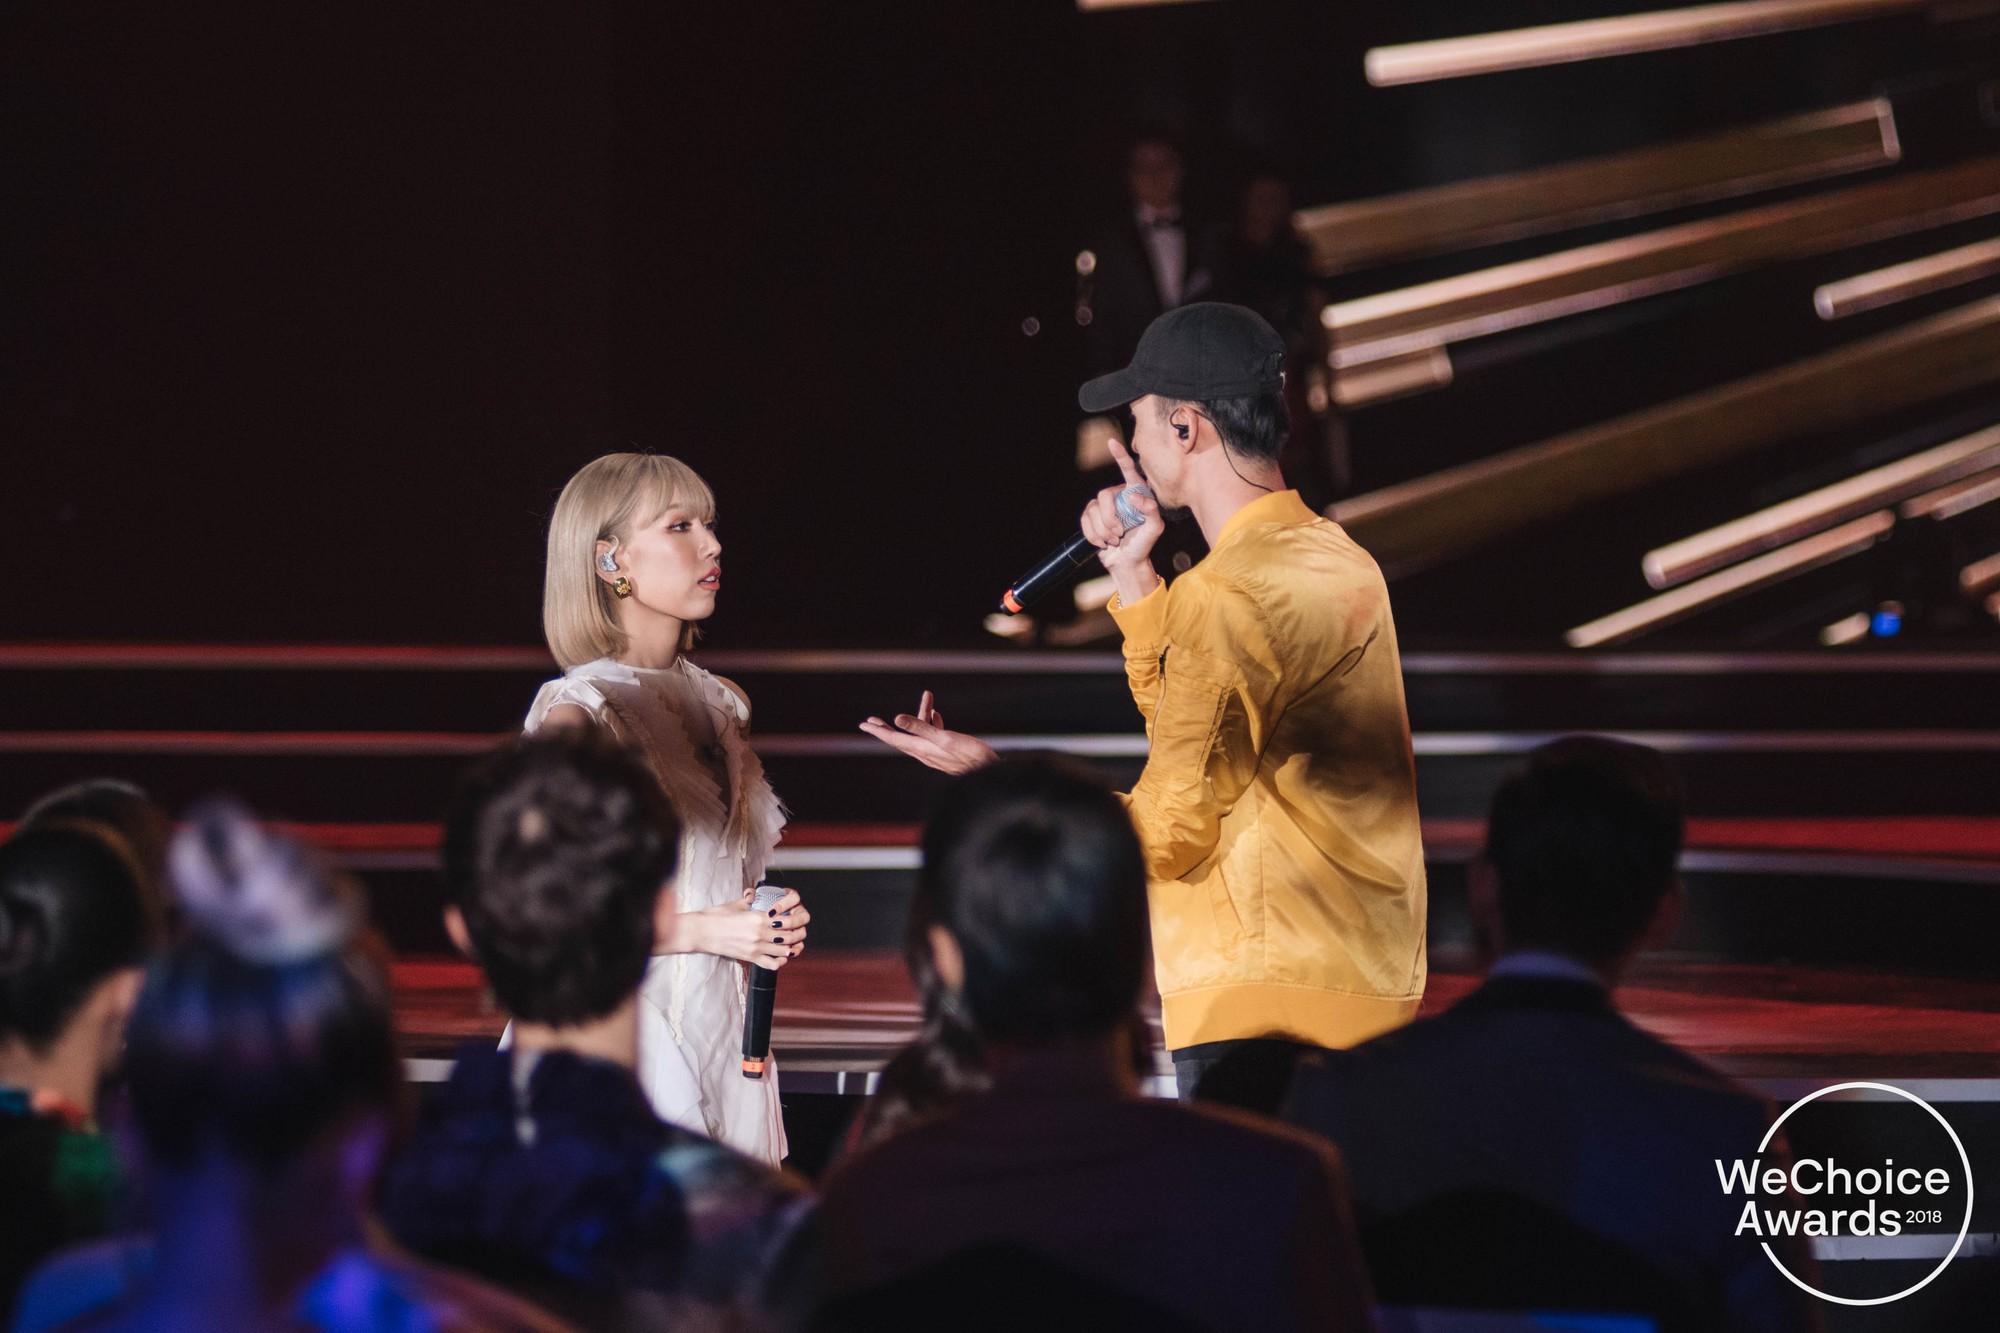 Clip: Tất tần tật các sân khấu đã tai mãn nhãn trong đêm Gala WeChoice Awards 2018 - Ảnh 9.